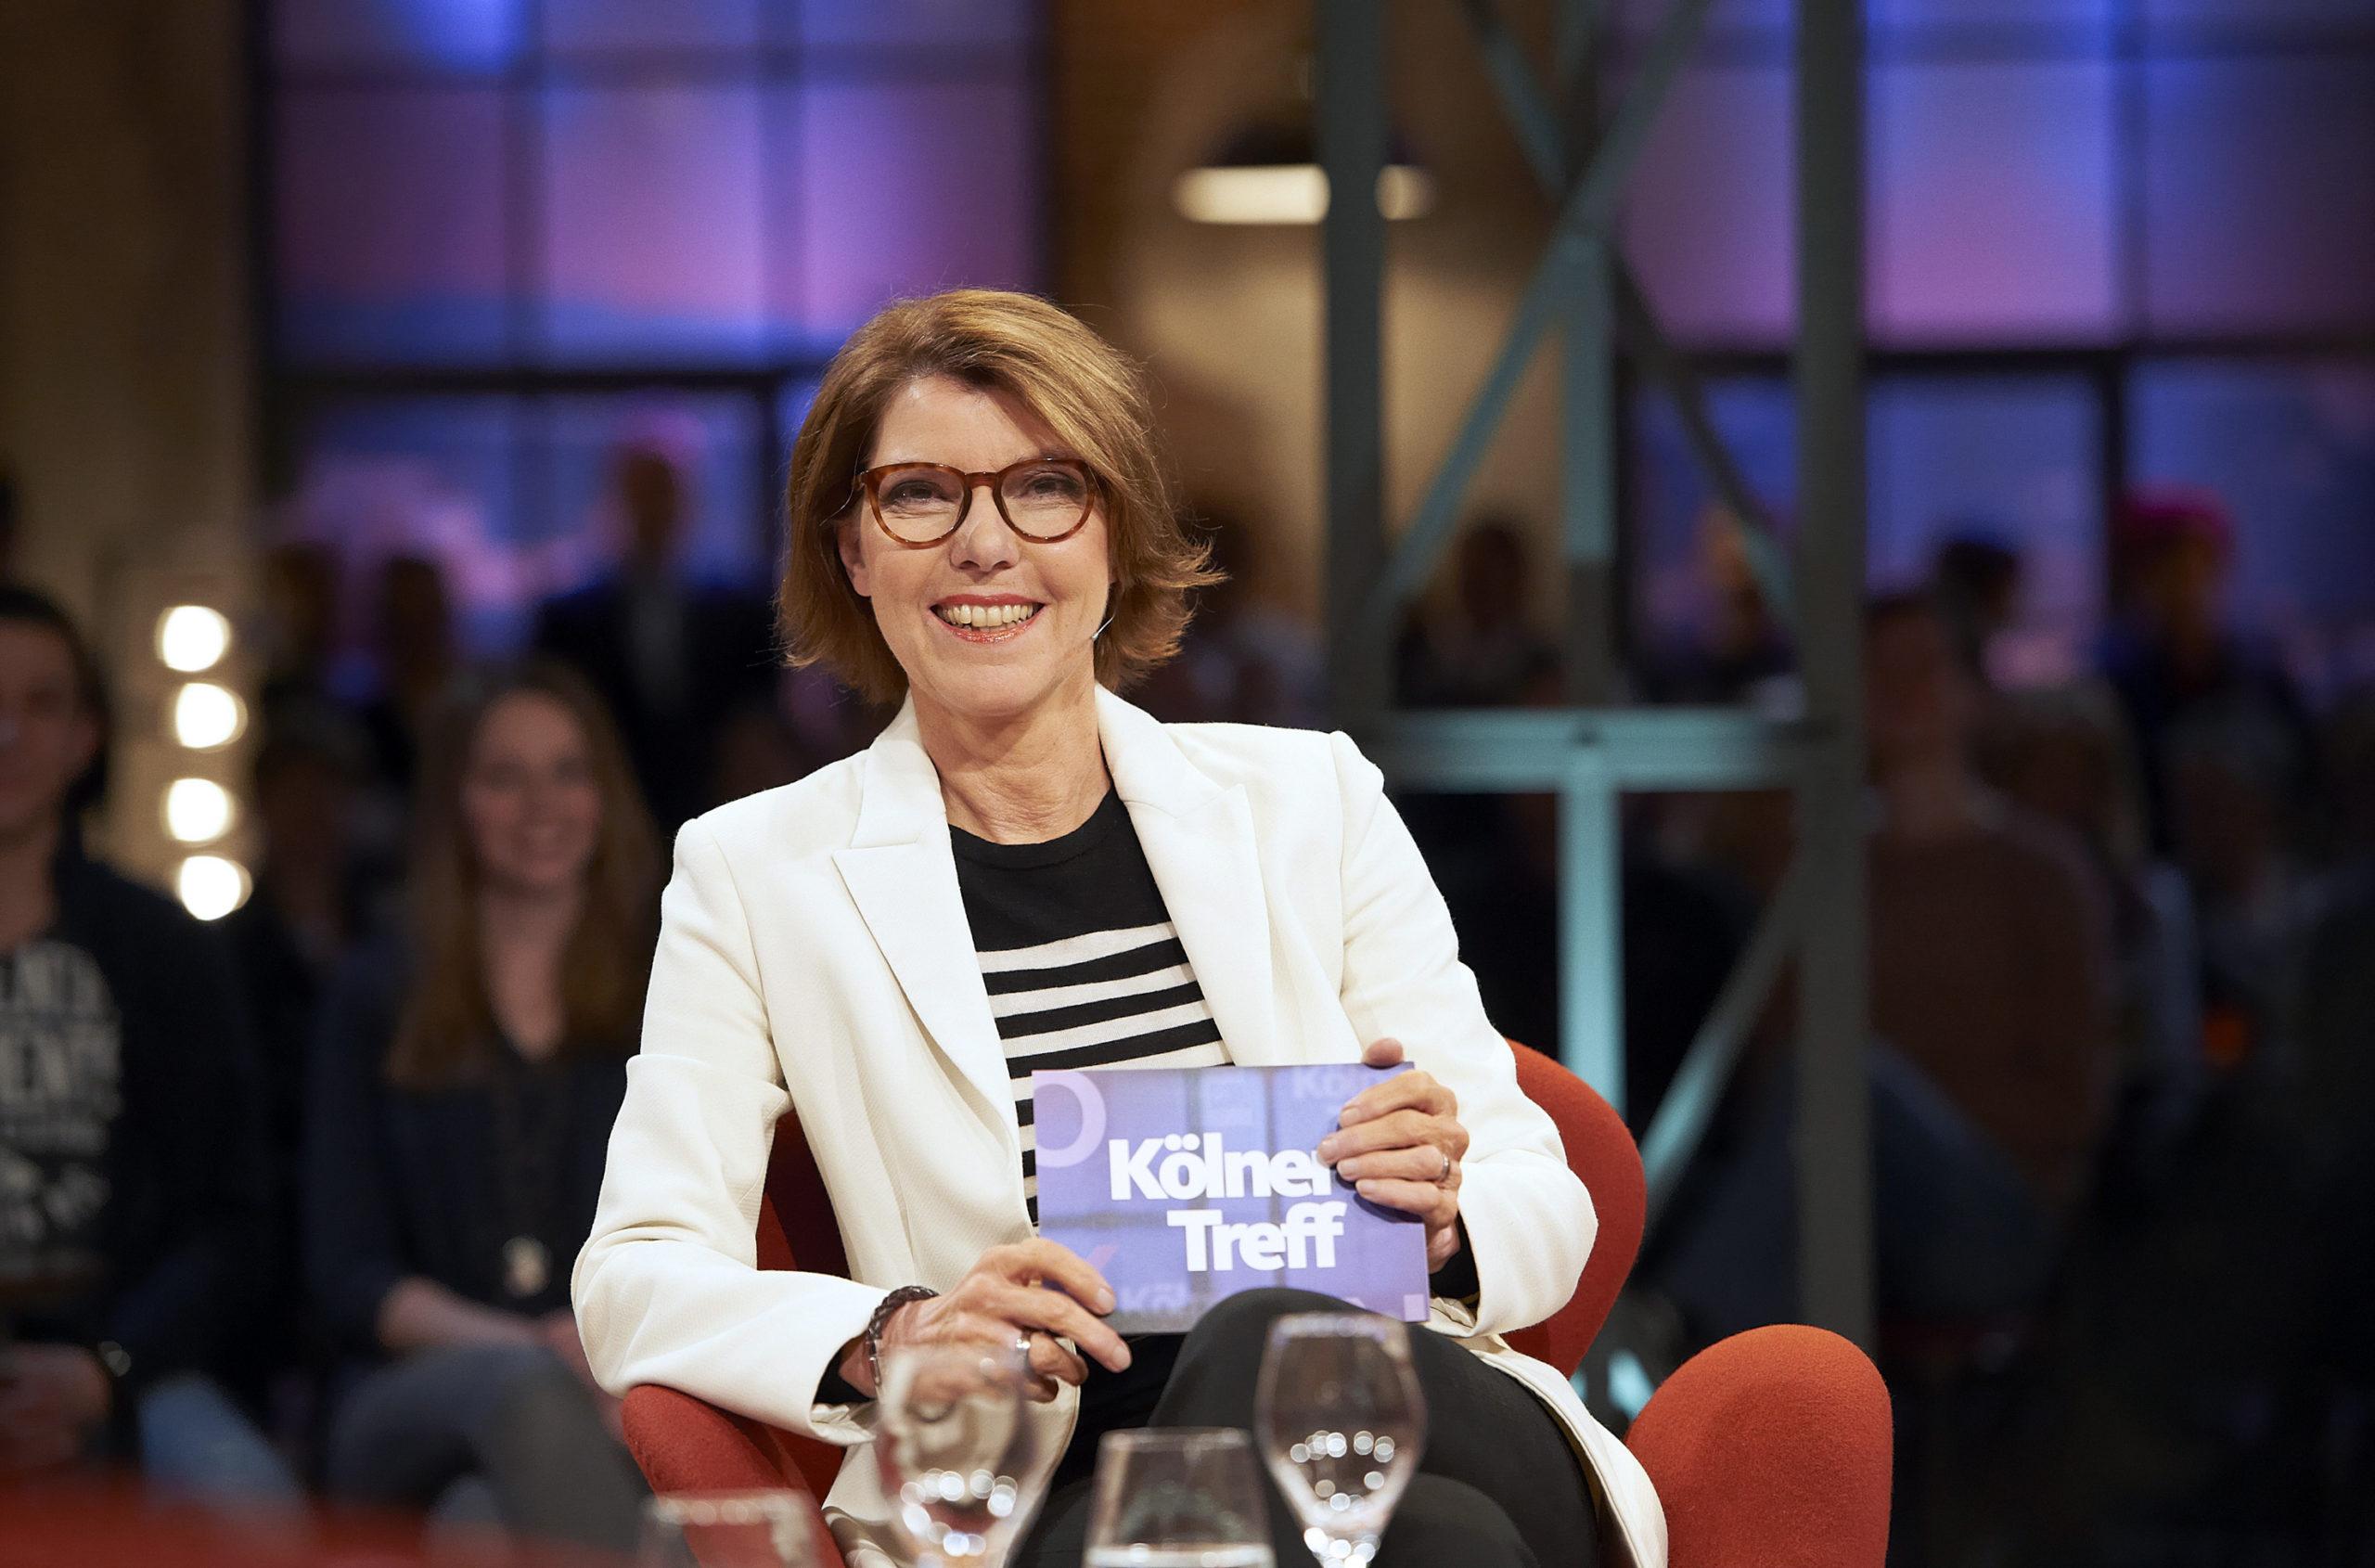 Kölner Treff Gäste Heute